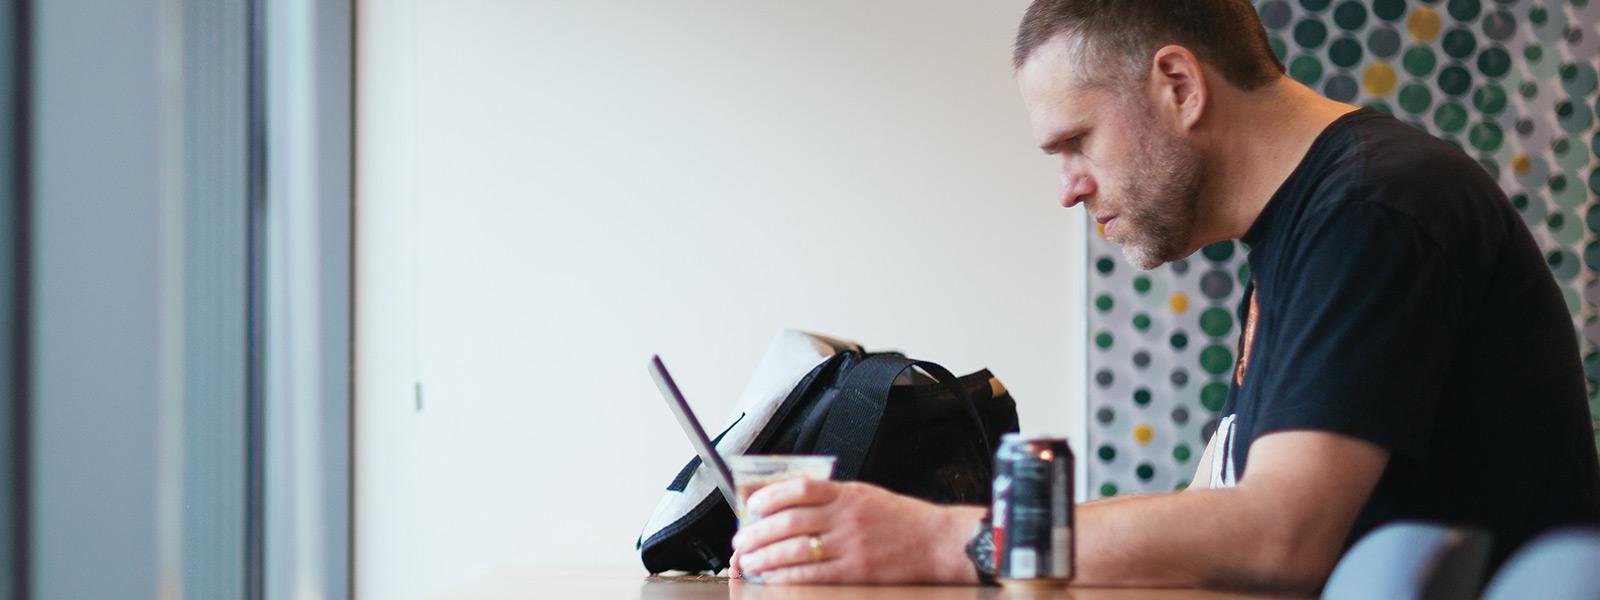 Ein Mann sitzt mit seinem Windows 10-PC an einem Tisch und arbeitet